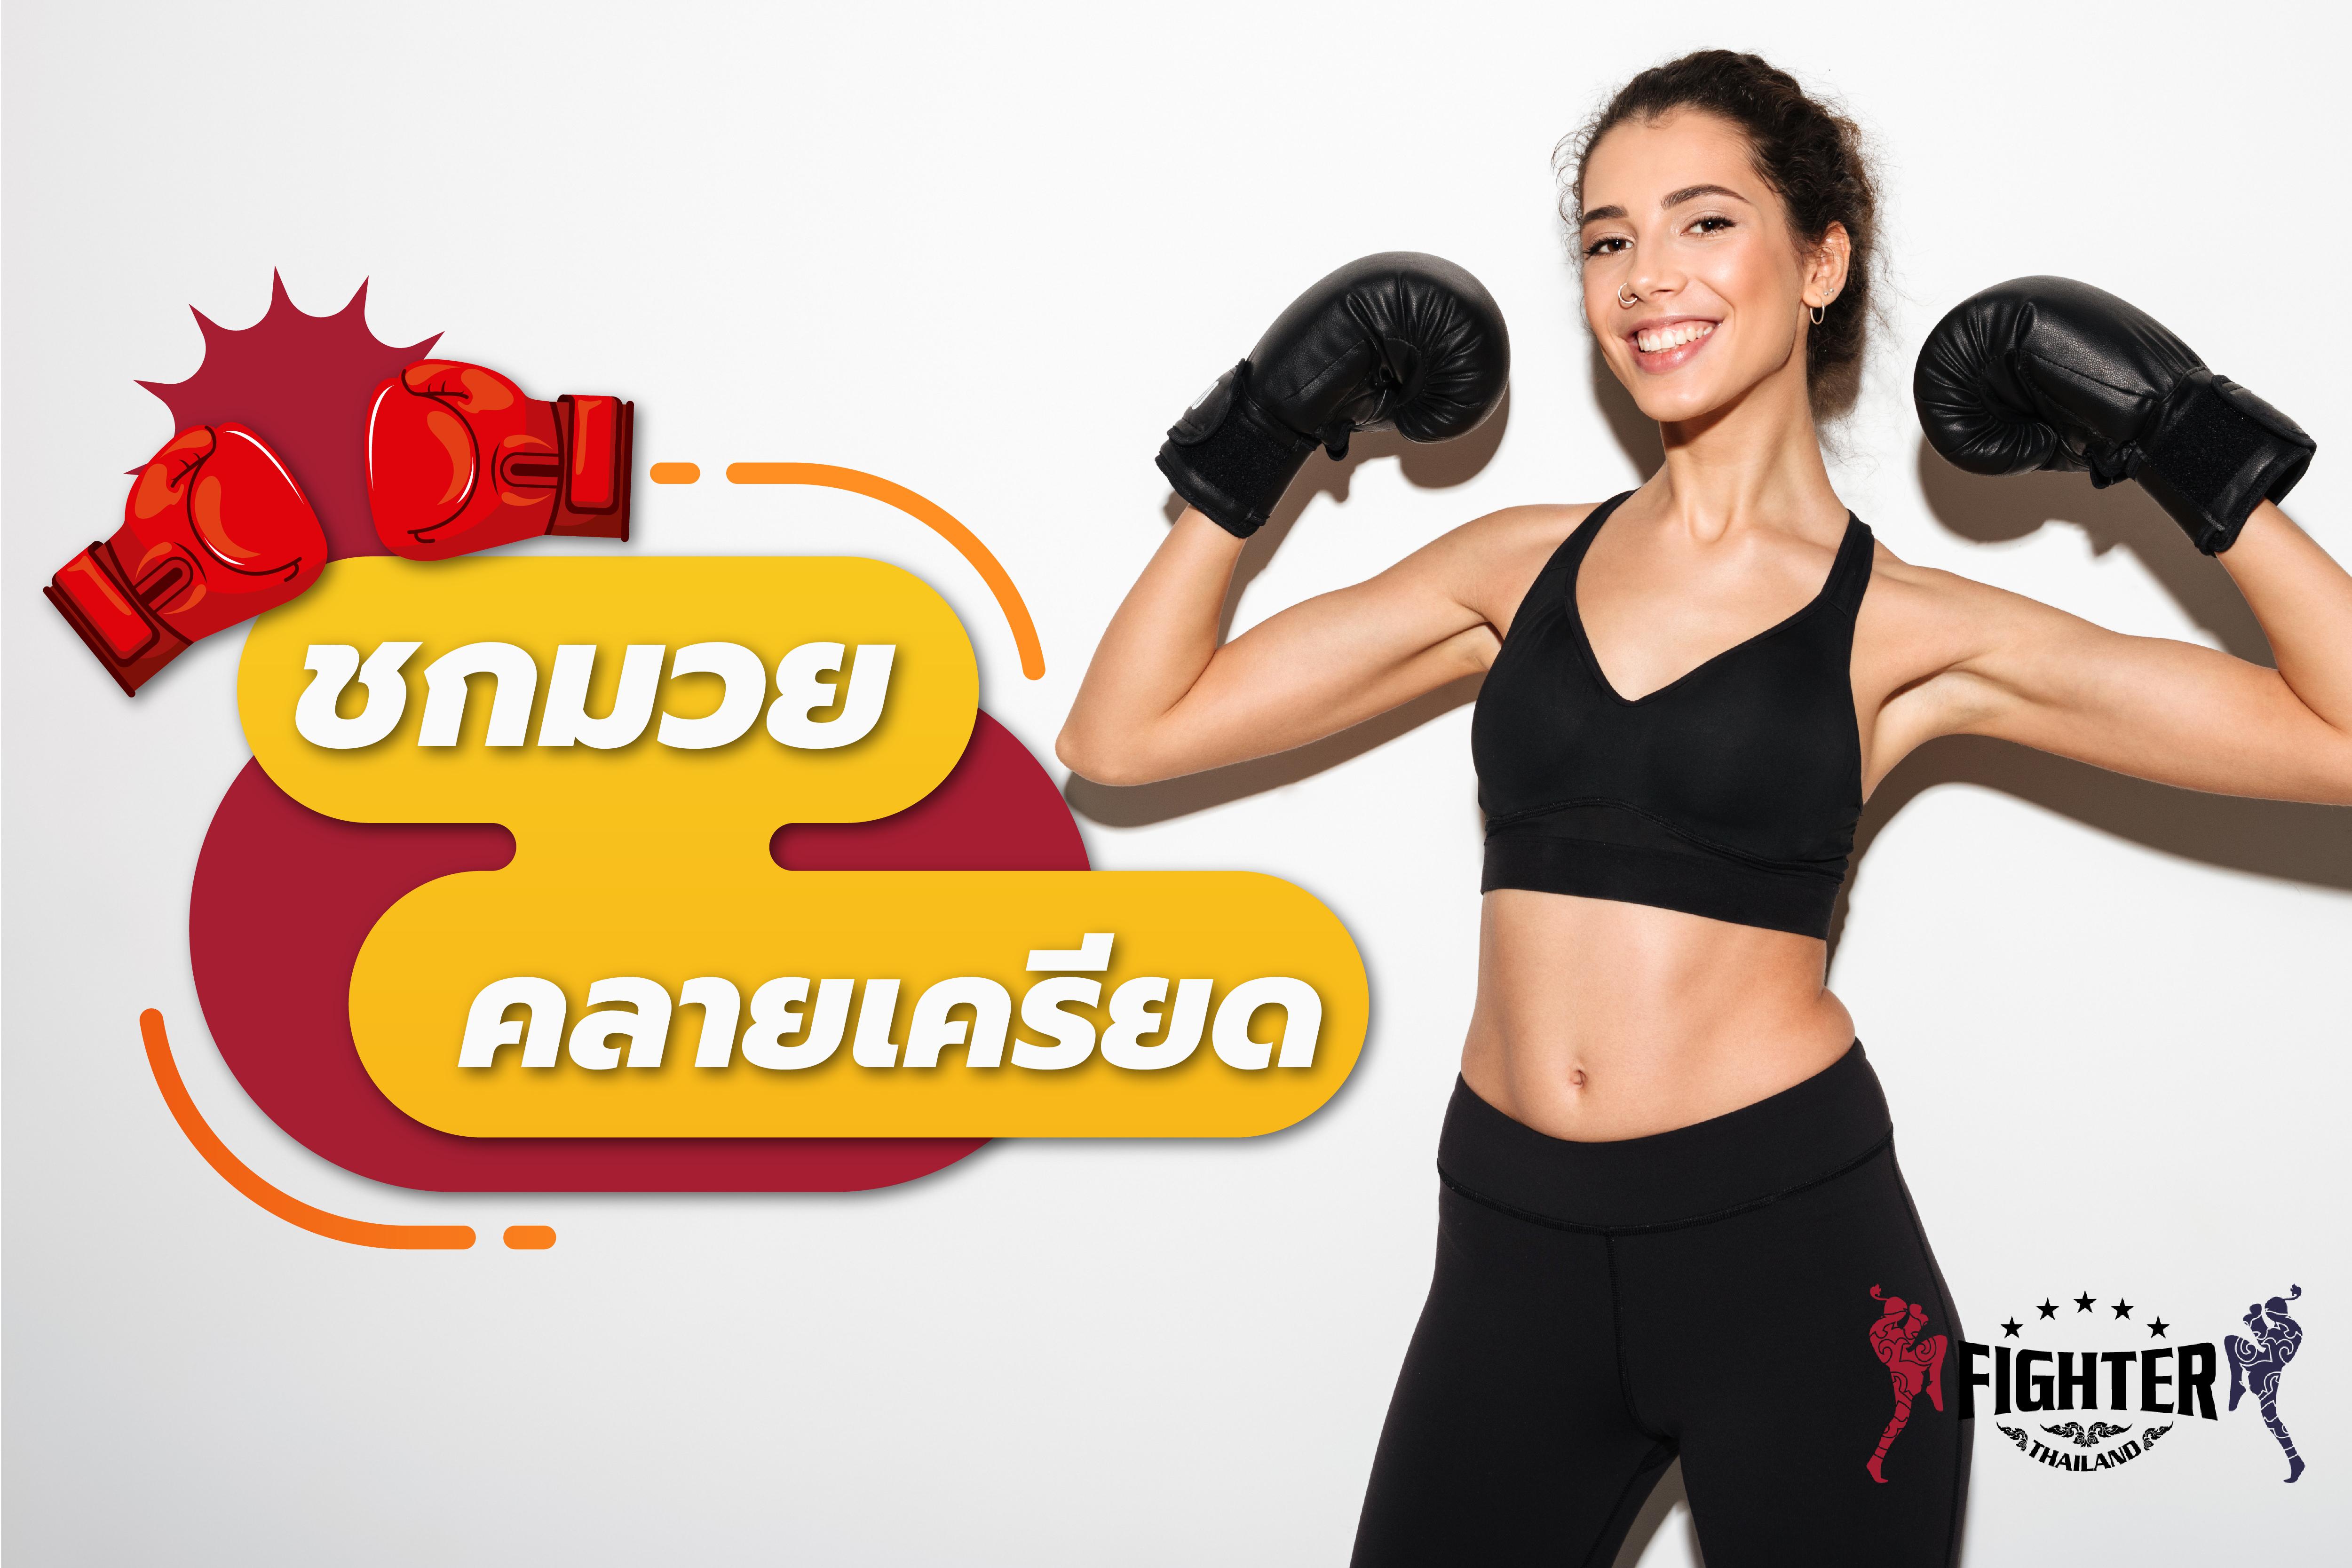 ボクシングはストレスを和らげるのに役立ちます